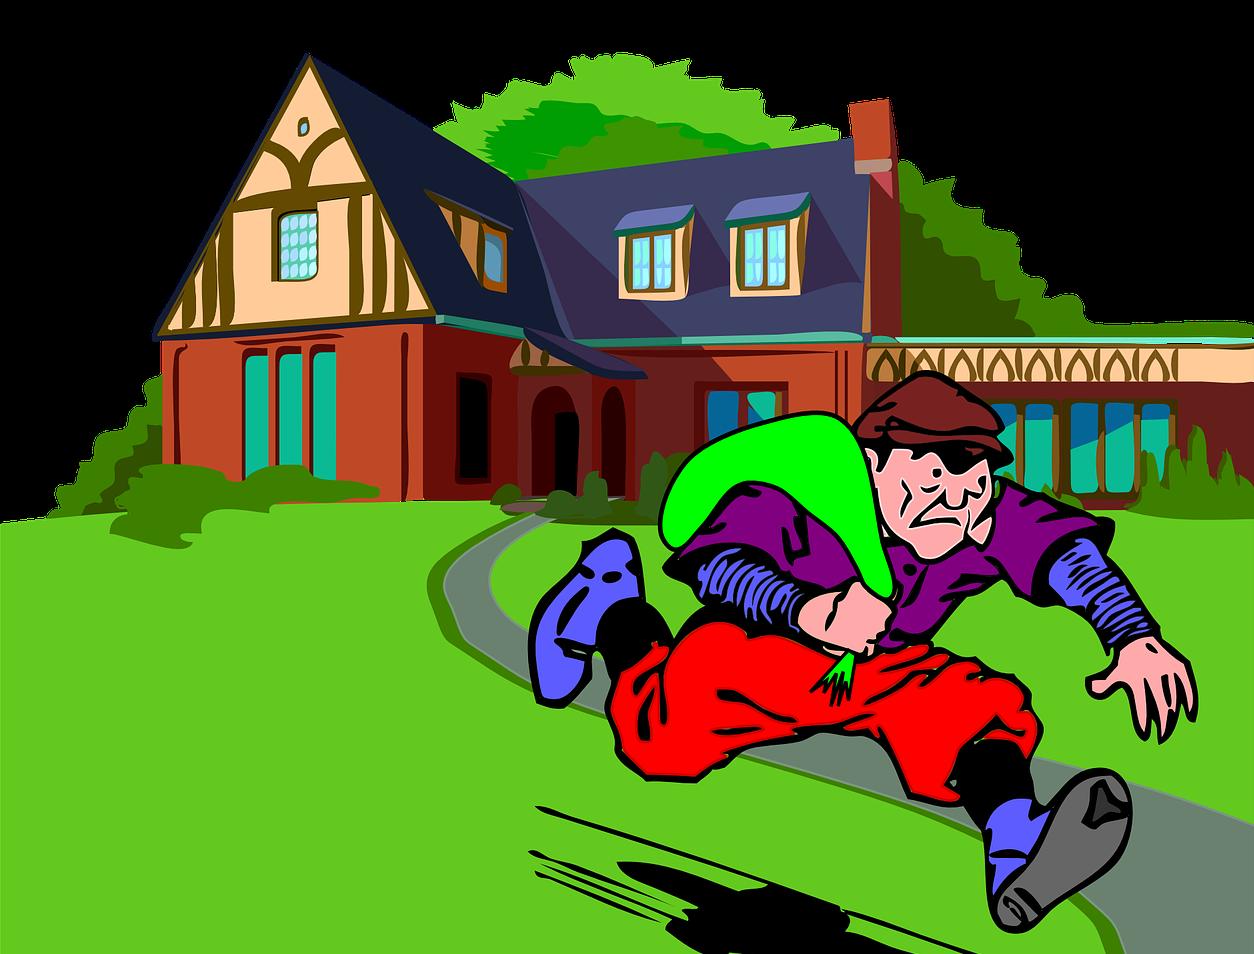 преступник обворовал дом в боброве